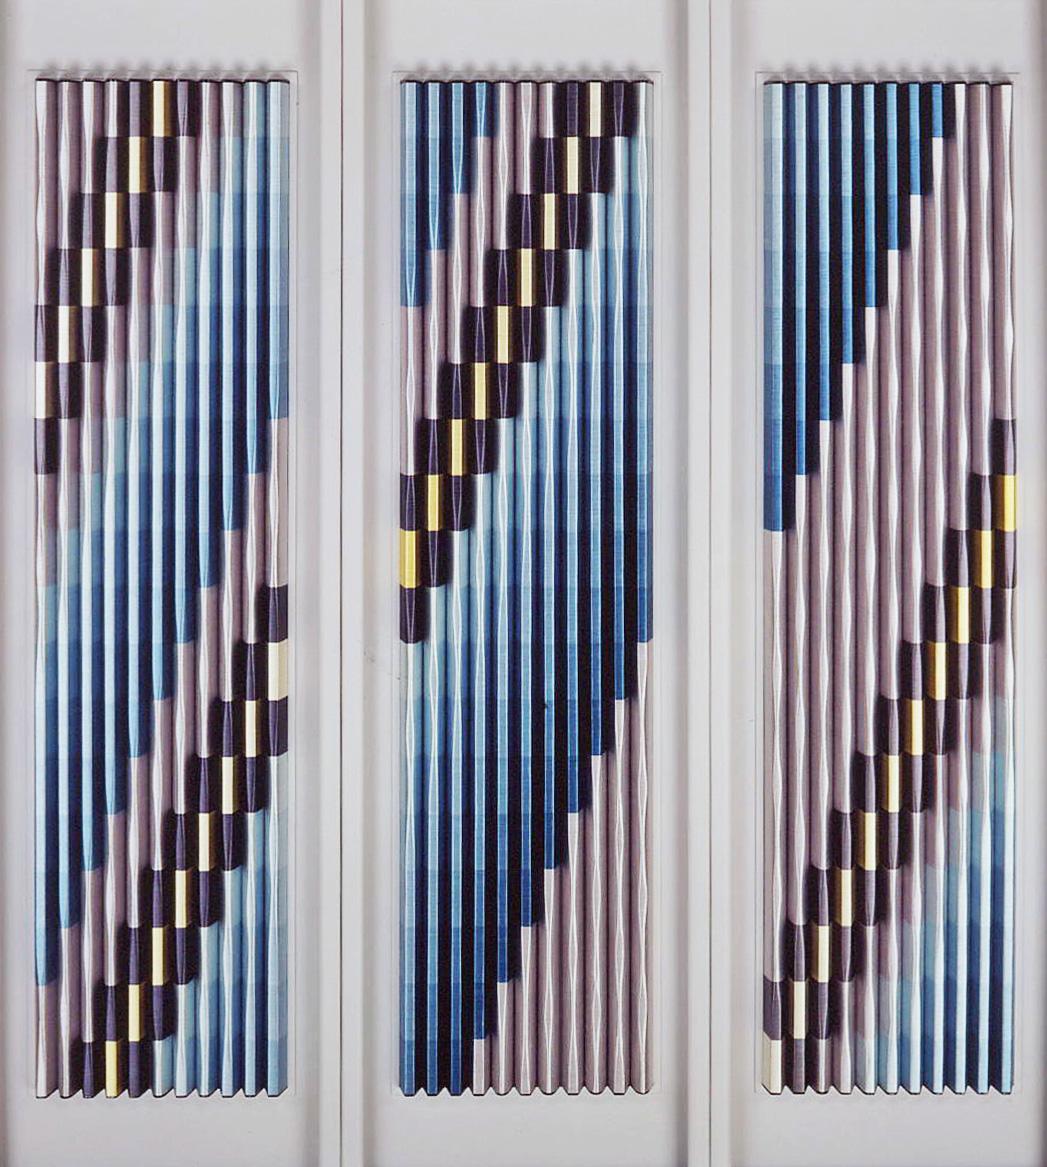 日本刺繍を使った平面造形